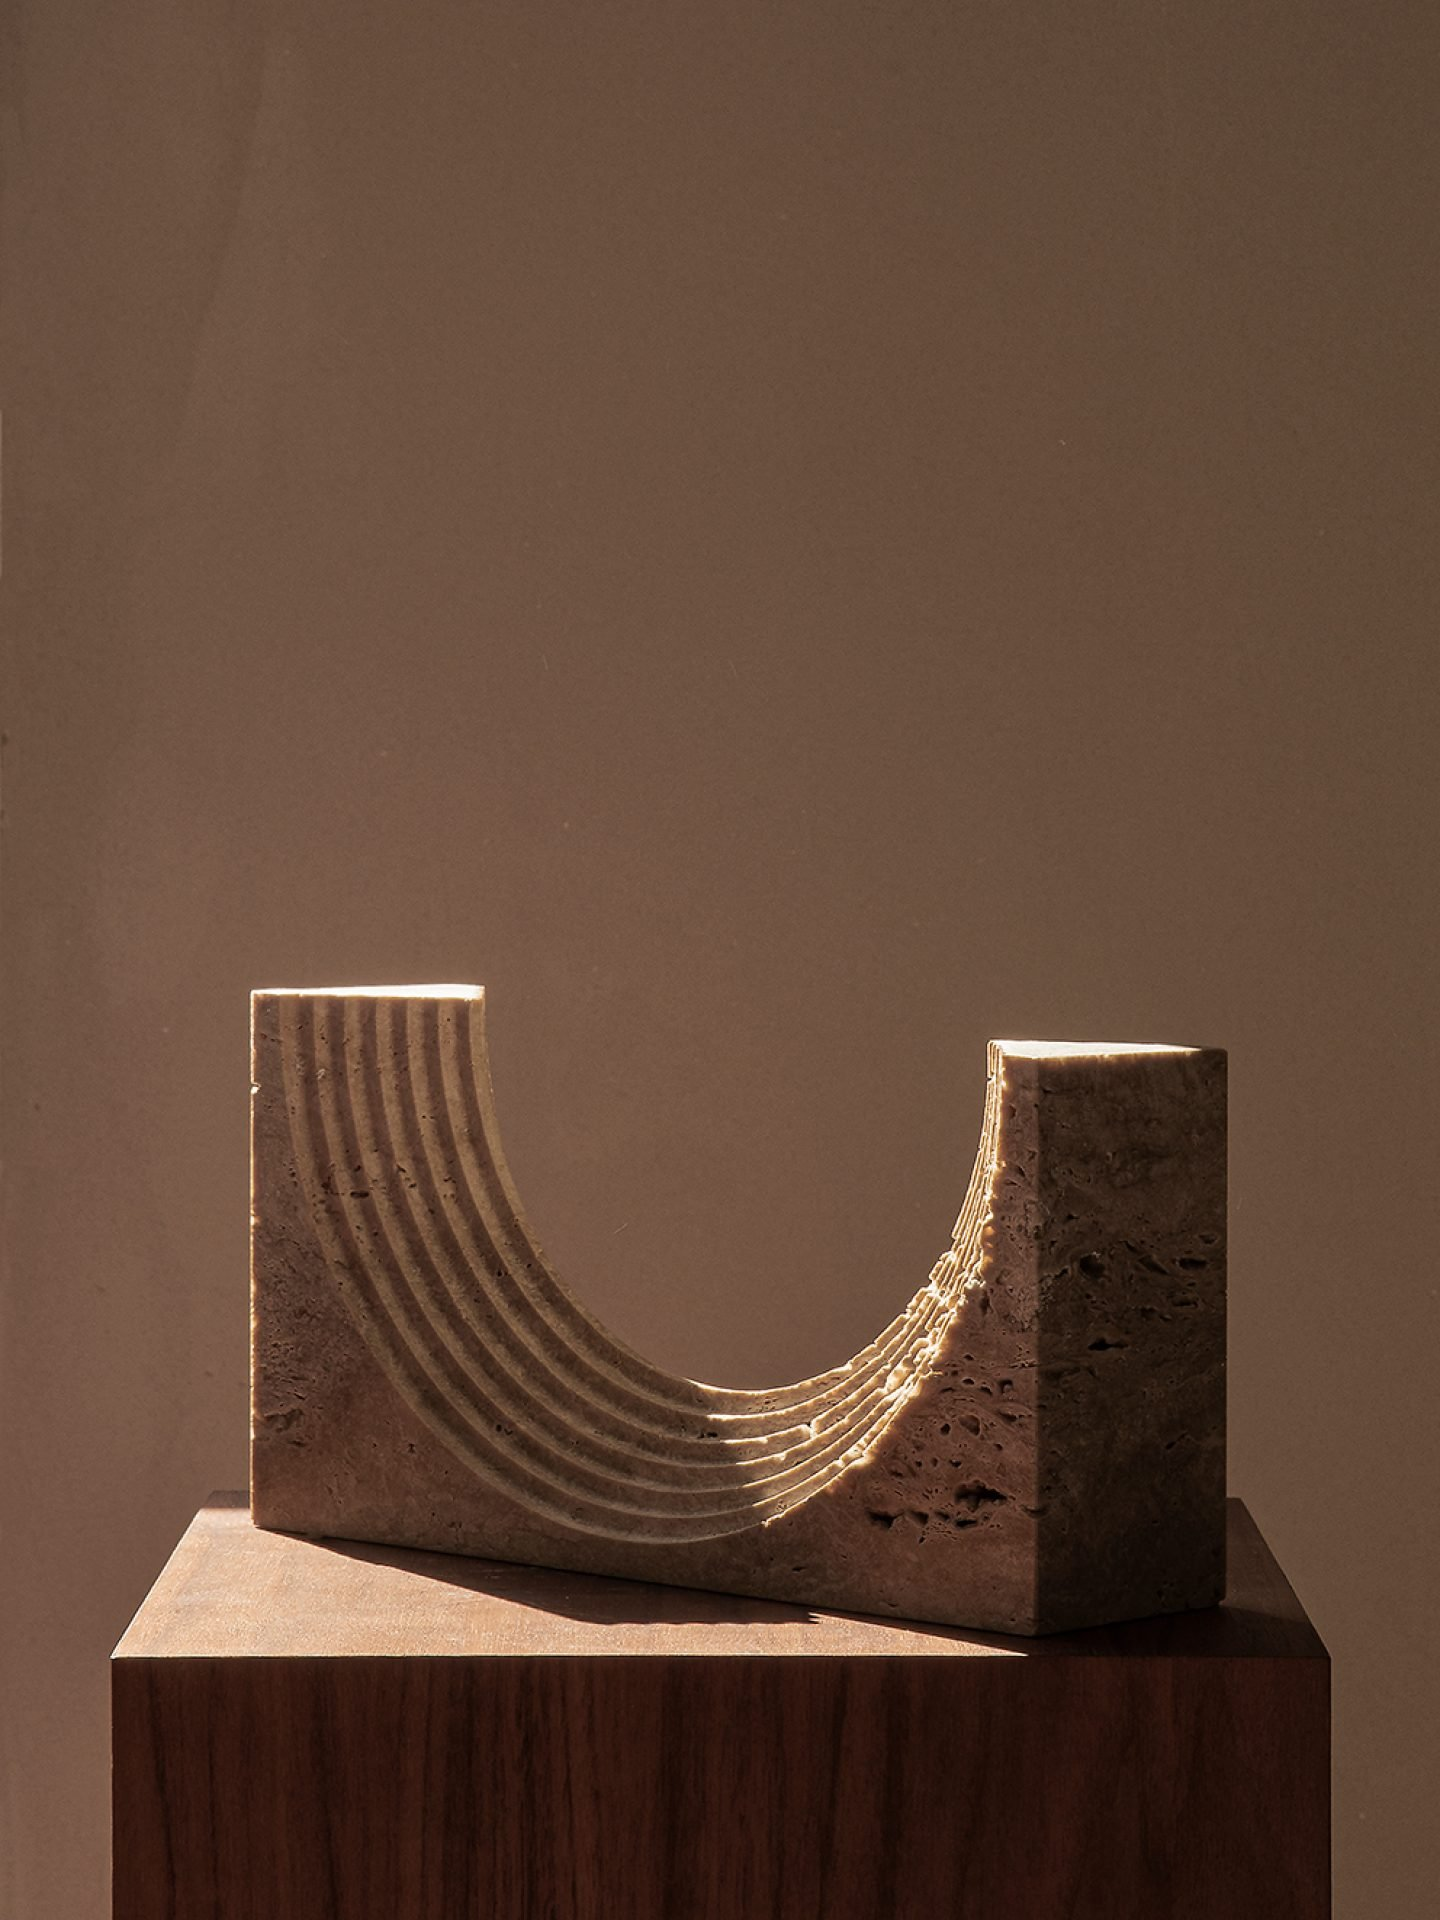 IGNANT-ART-Sculpture-Alium-18